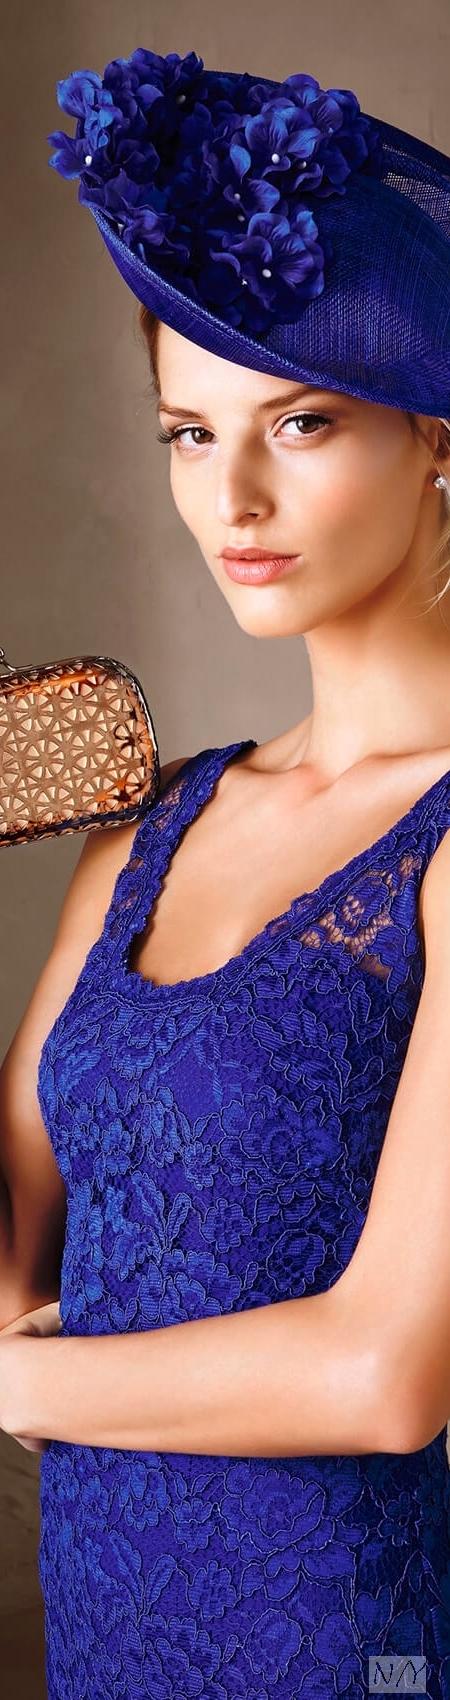 Pronovias 2017 Cocktail Dresses/Celvia | Pronovias | Pinterest ...